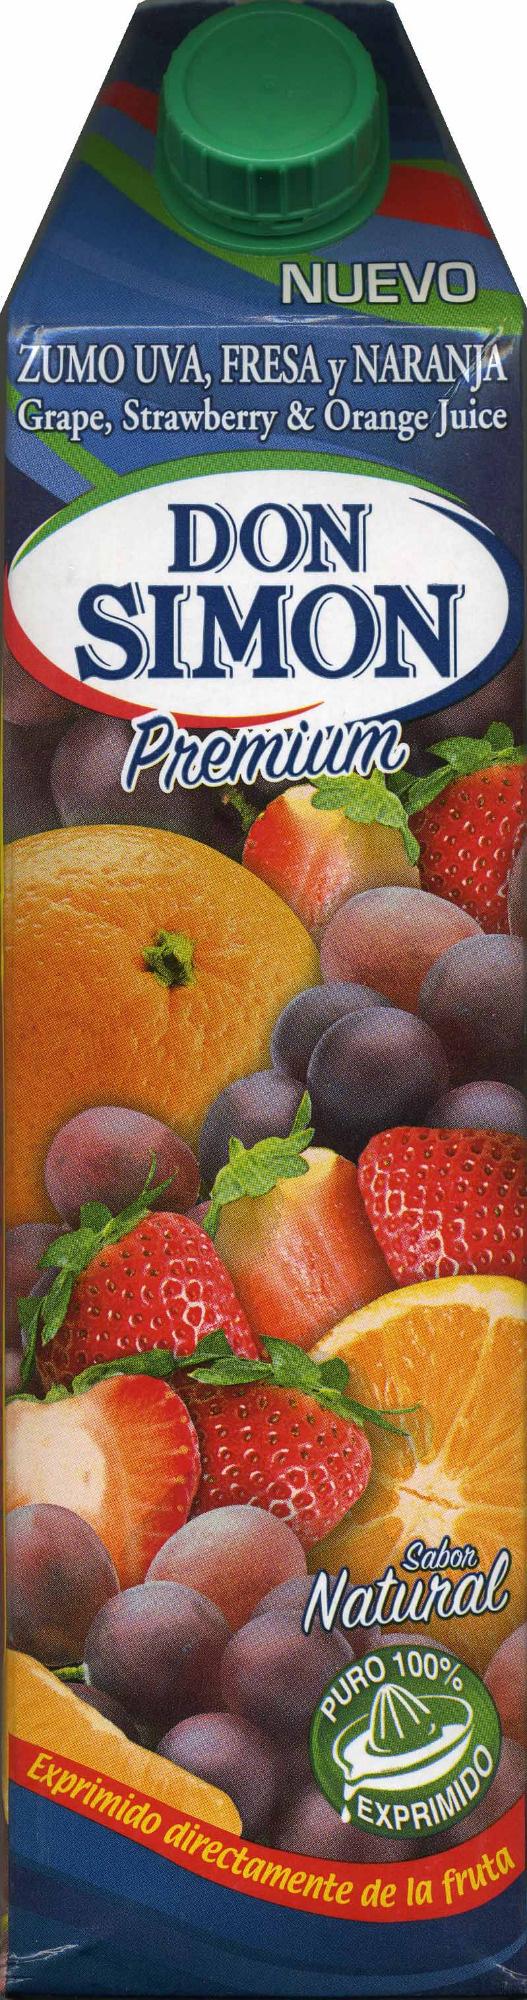 Zumo de uva, fresa y naranja exprimido - Producto